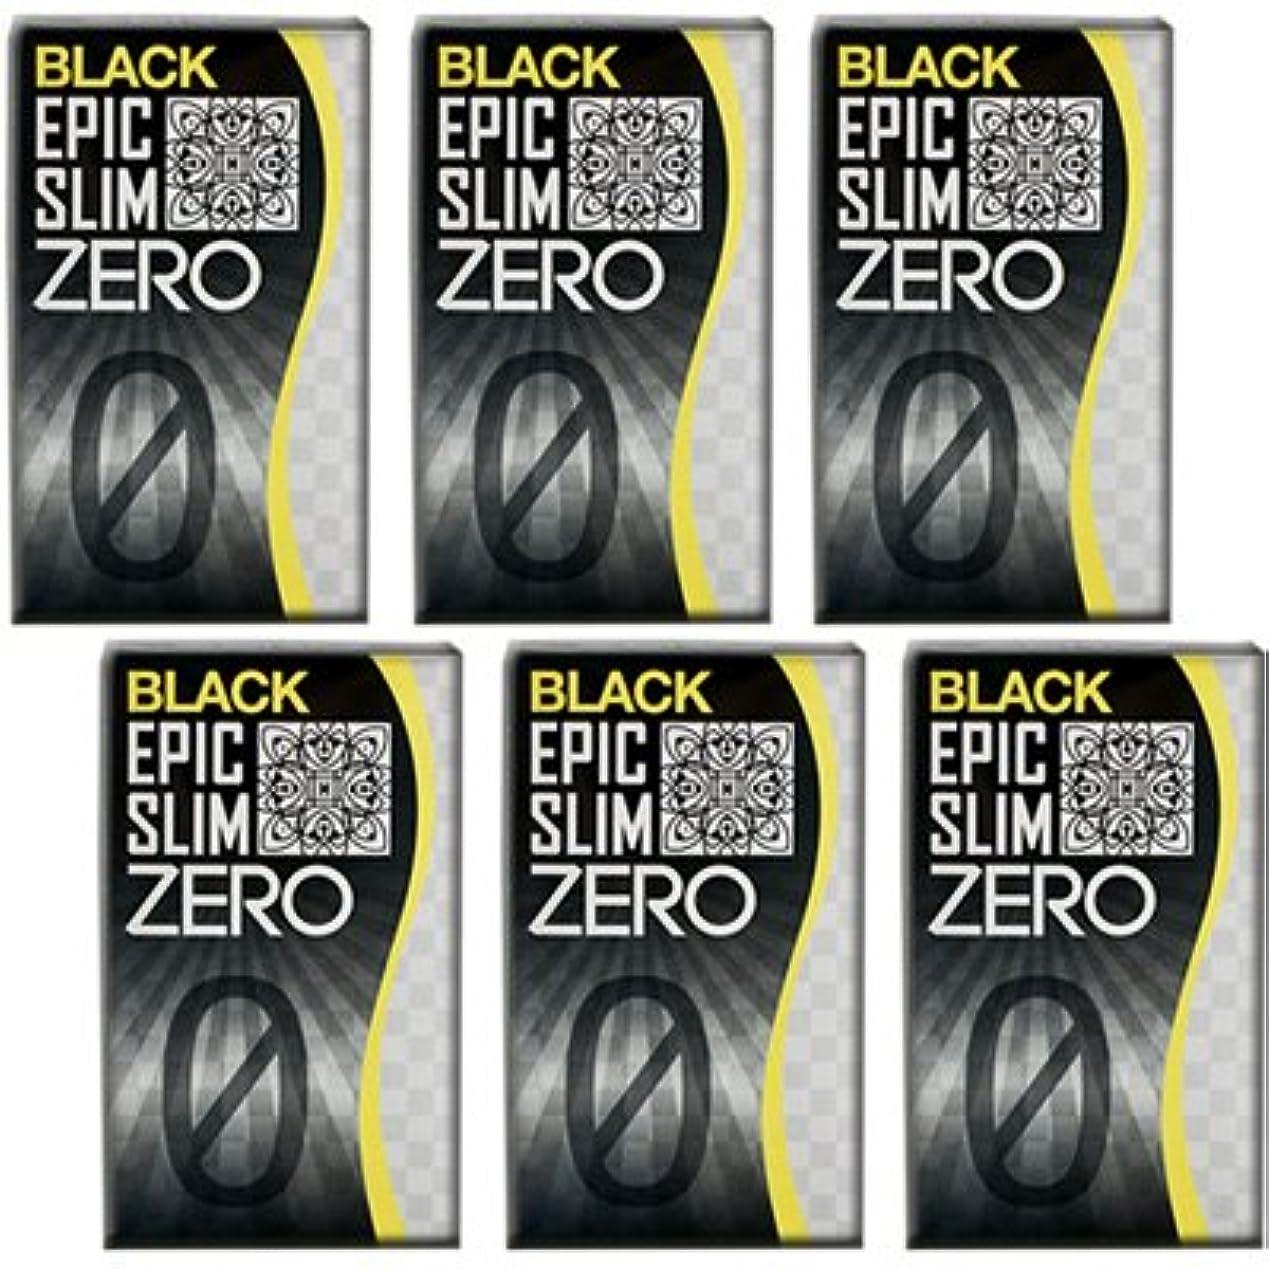 標準城後ブラック エピックスリム ゼロ ブラック 6個セット!  Epic Slim ZERO BLACK ×6個